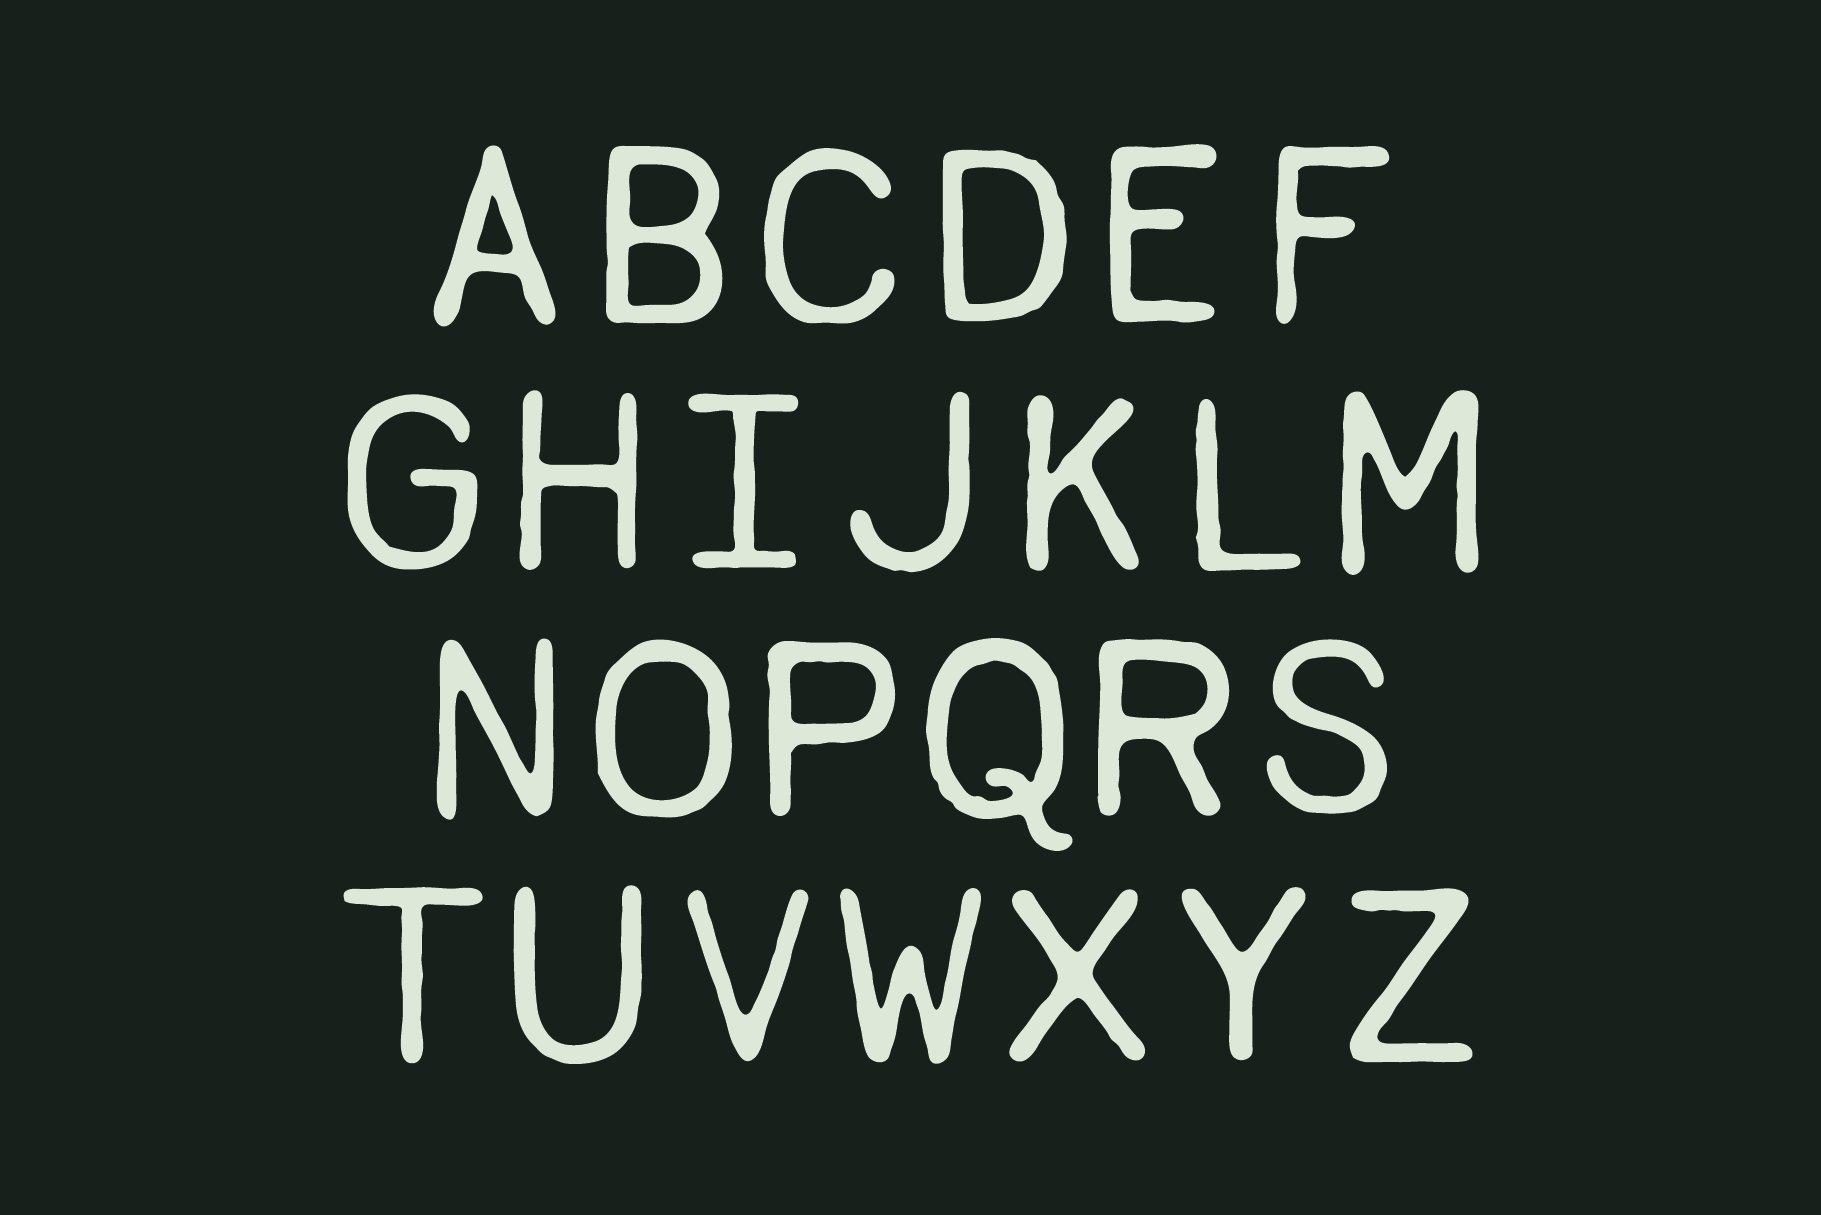 loma font explore1 36 11